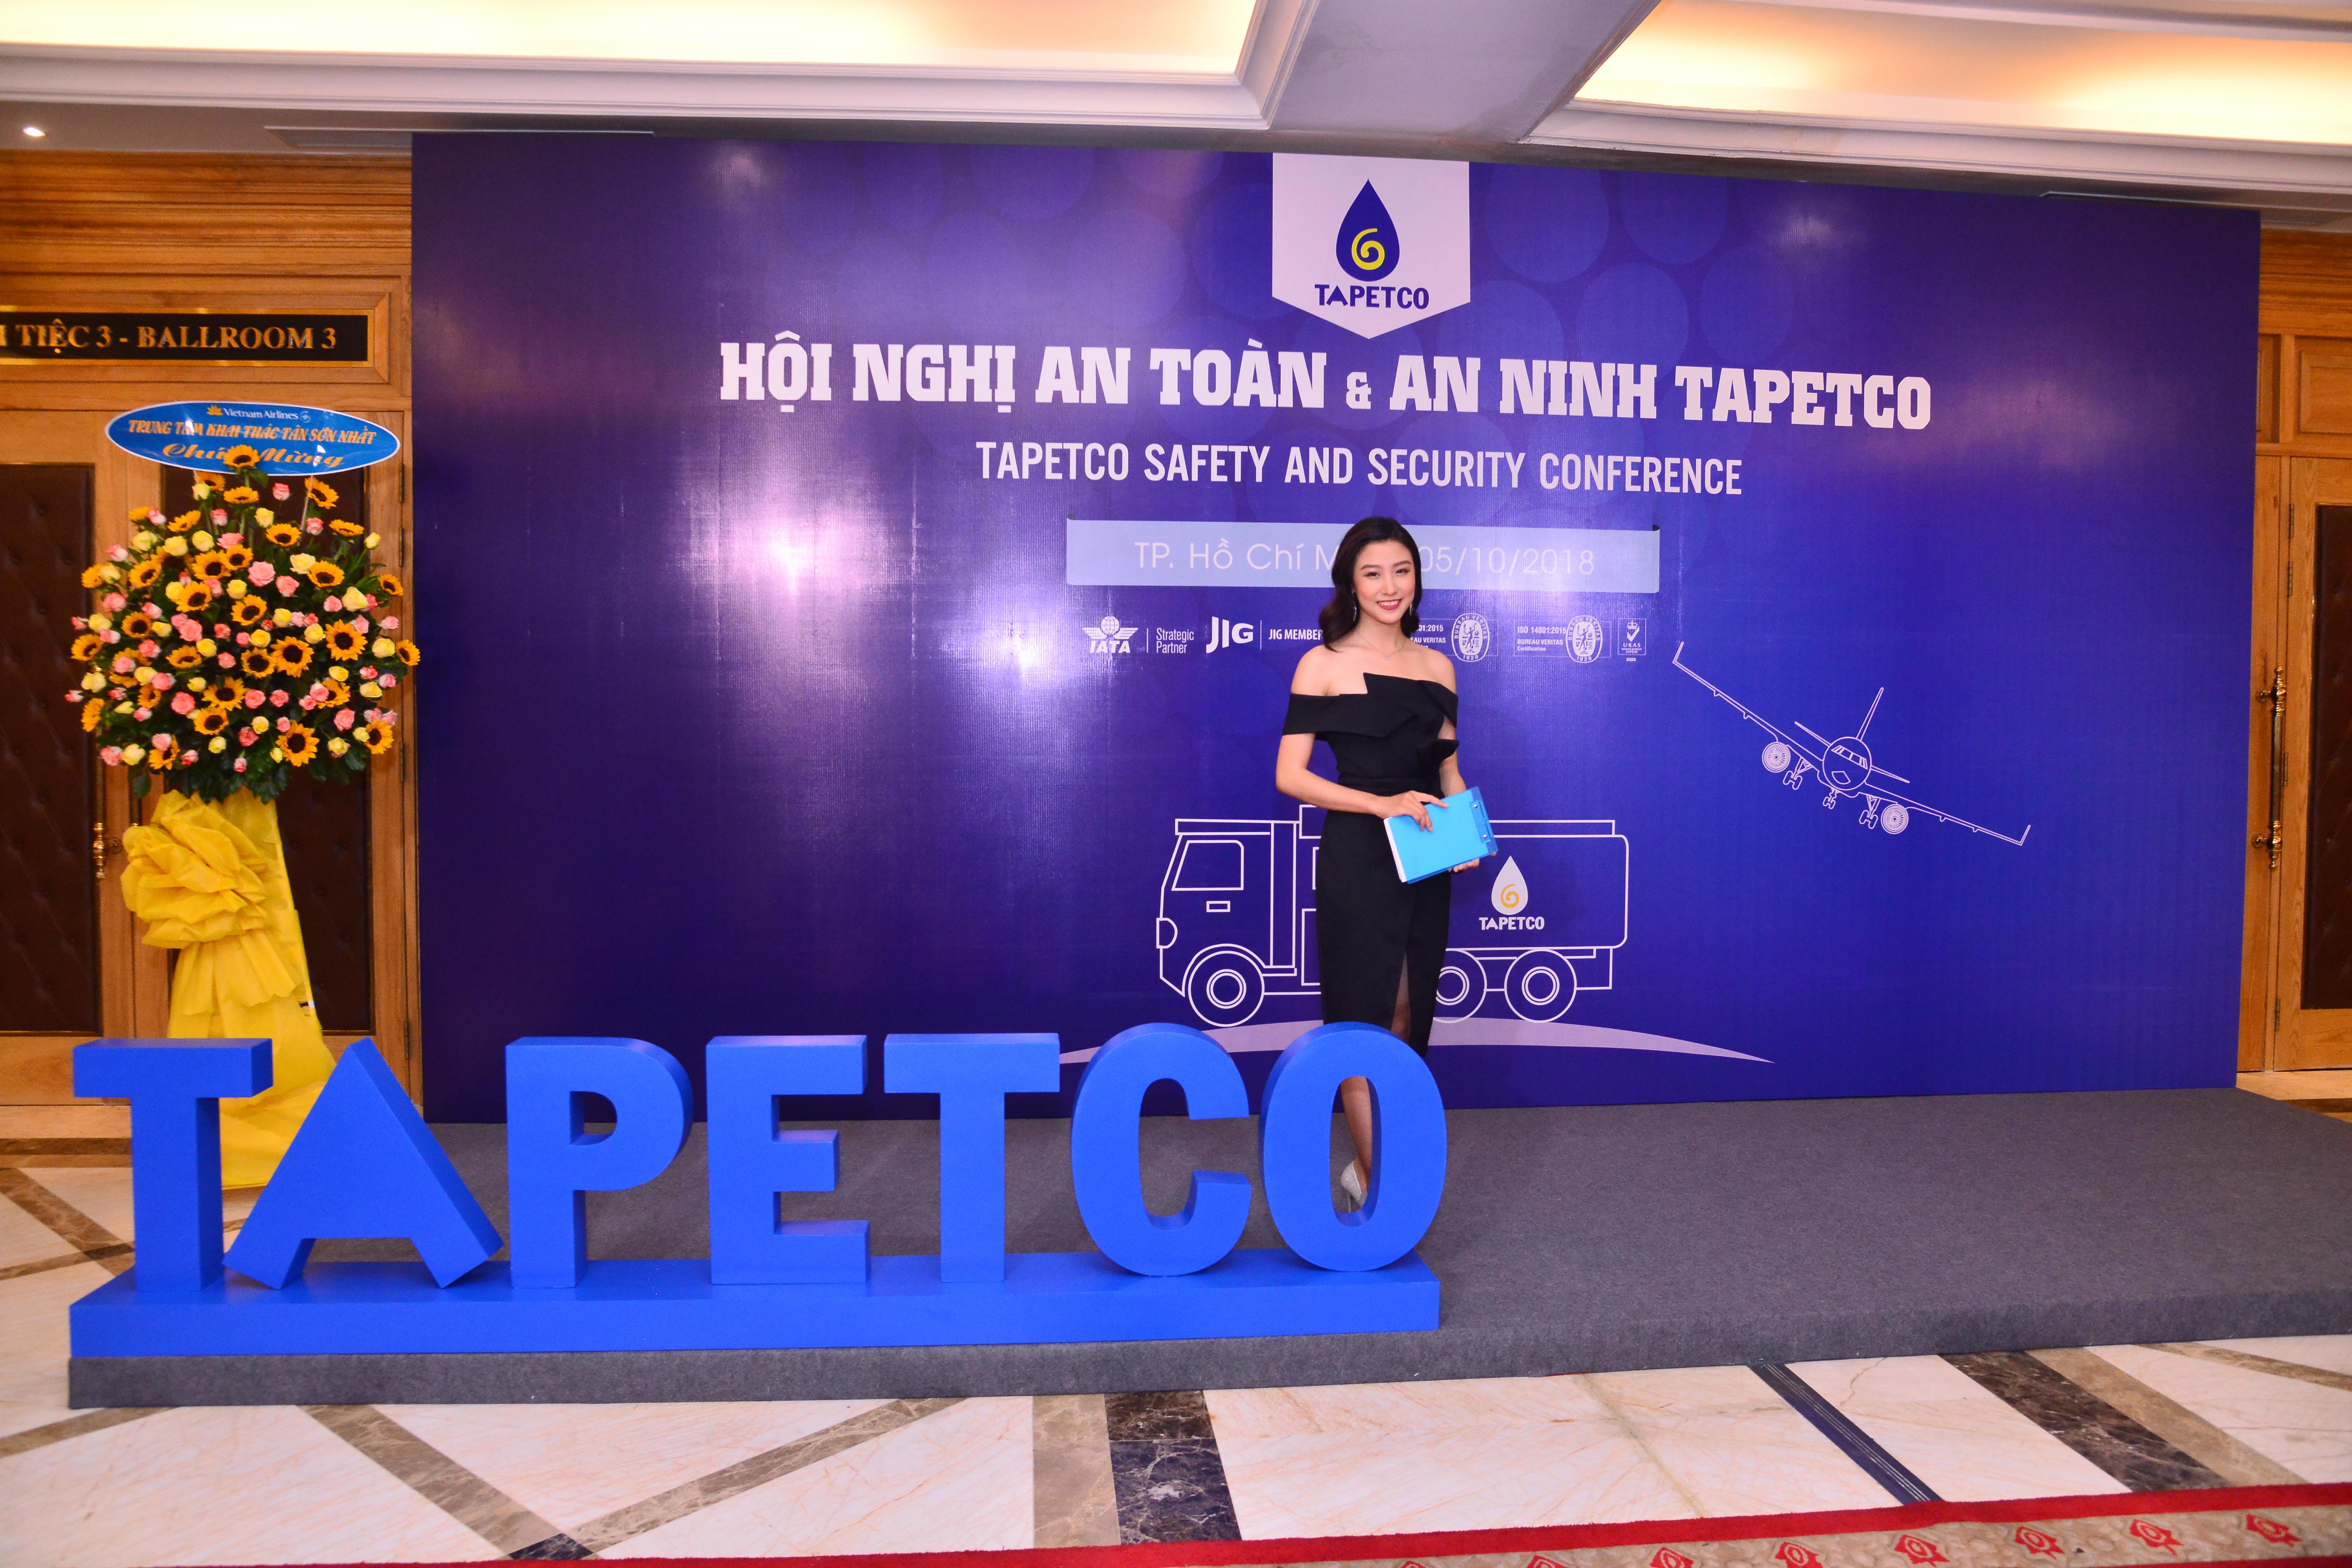 Hội nghị an toàn và an ninh Tapetco